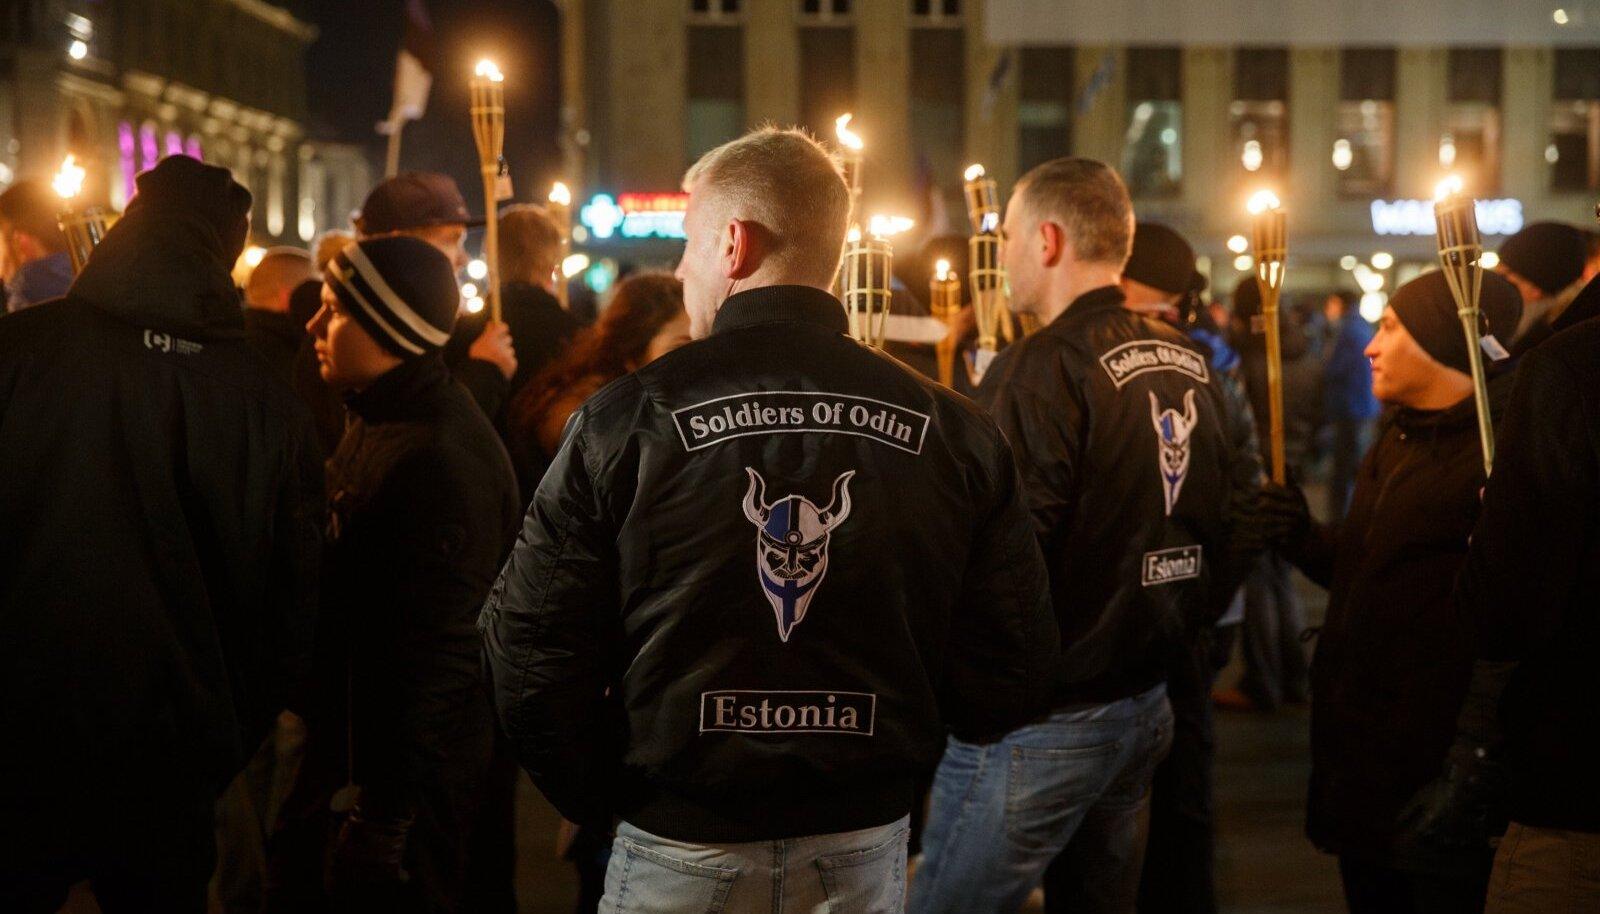 Soome ja Eesti Odini Sõdurite sarnased liikumised Saksamaal, Rootsis ja Norras muutusid nähtavamaks ja said isegi parlamenti.